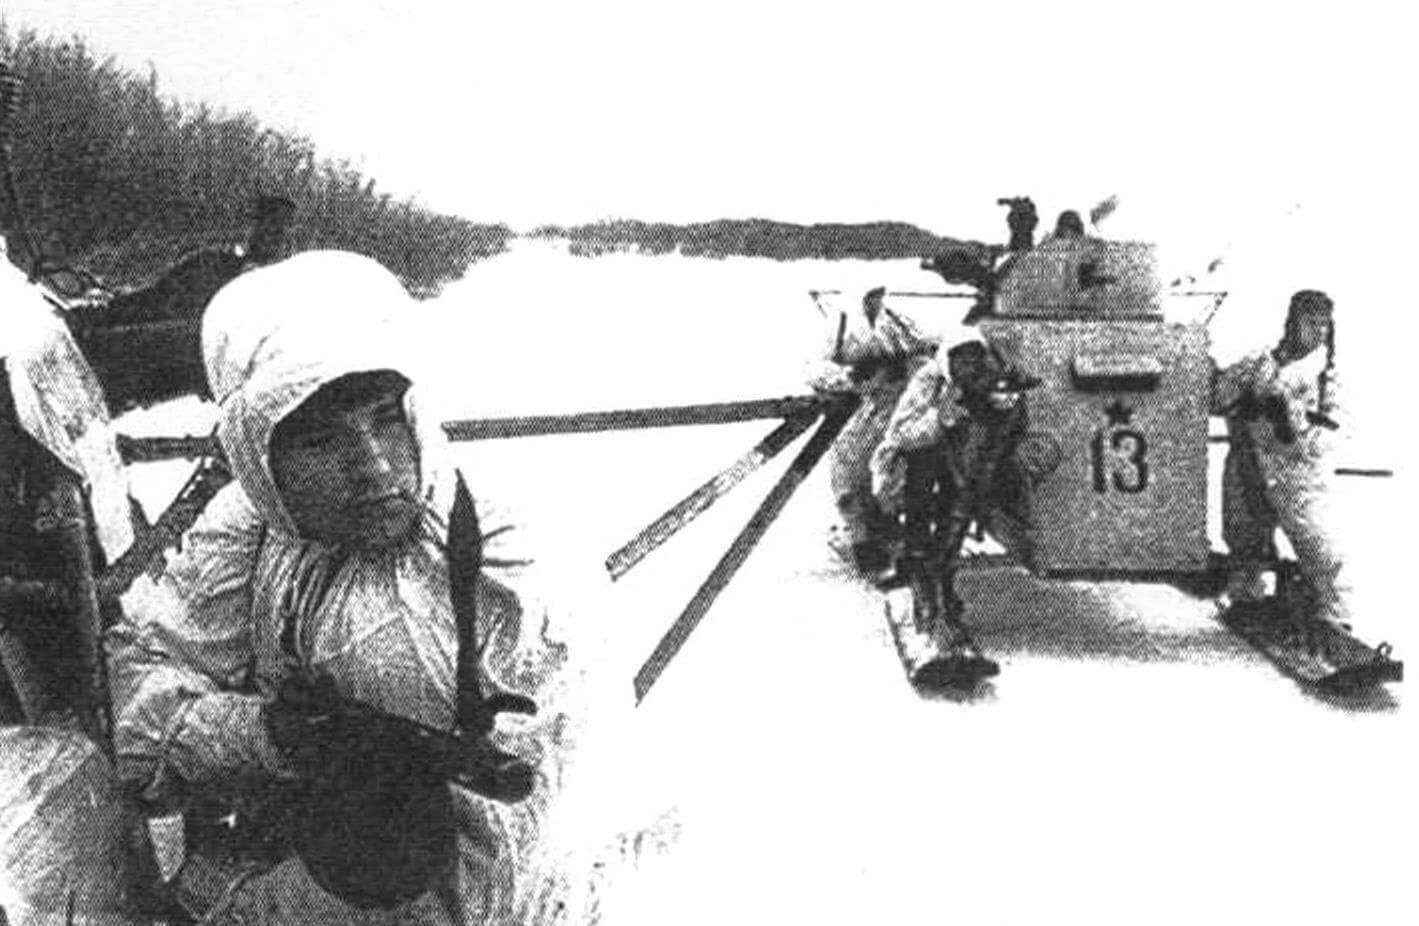 Аэросани НКЛ-26 с десантниками на борту идут в бой